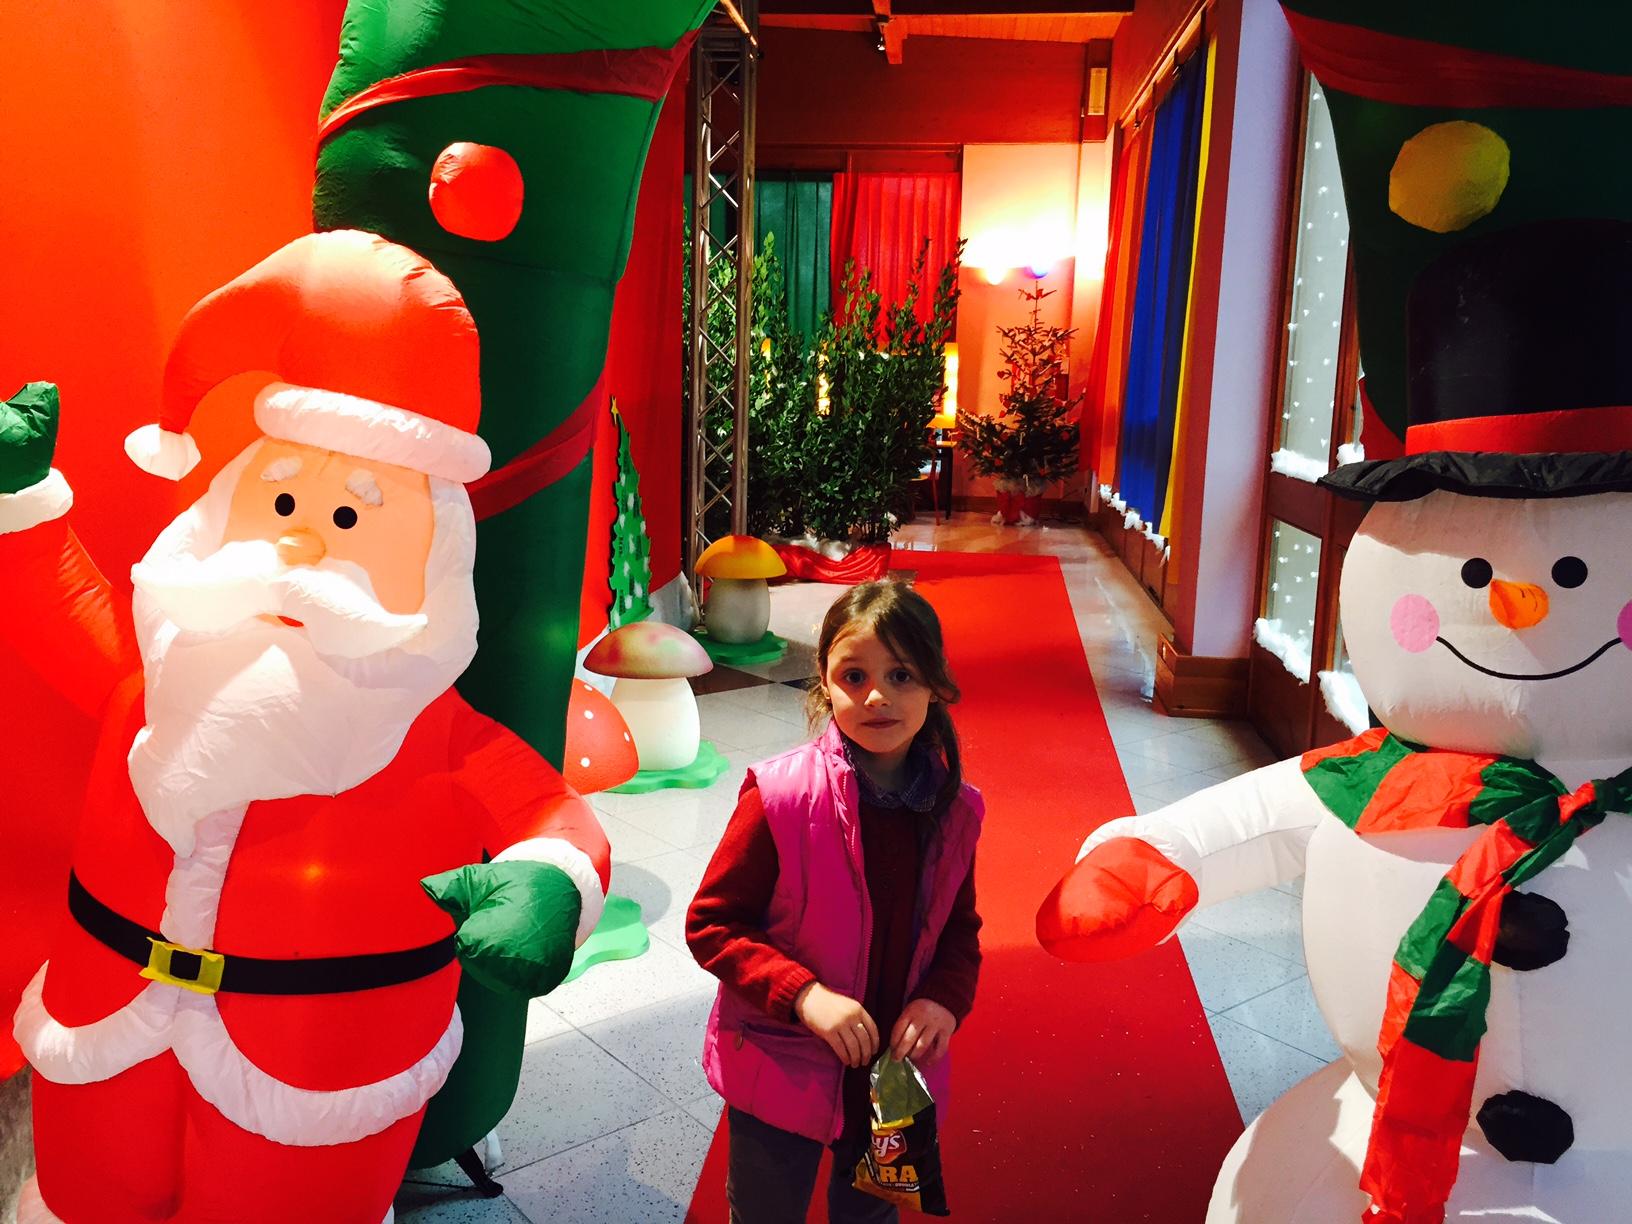 Casa Di Babbo Natale Chianciano.Il Paese Di Babbo Natale Chianciano Terme Firenze Formato Famiglia